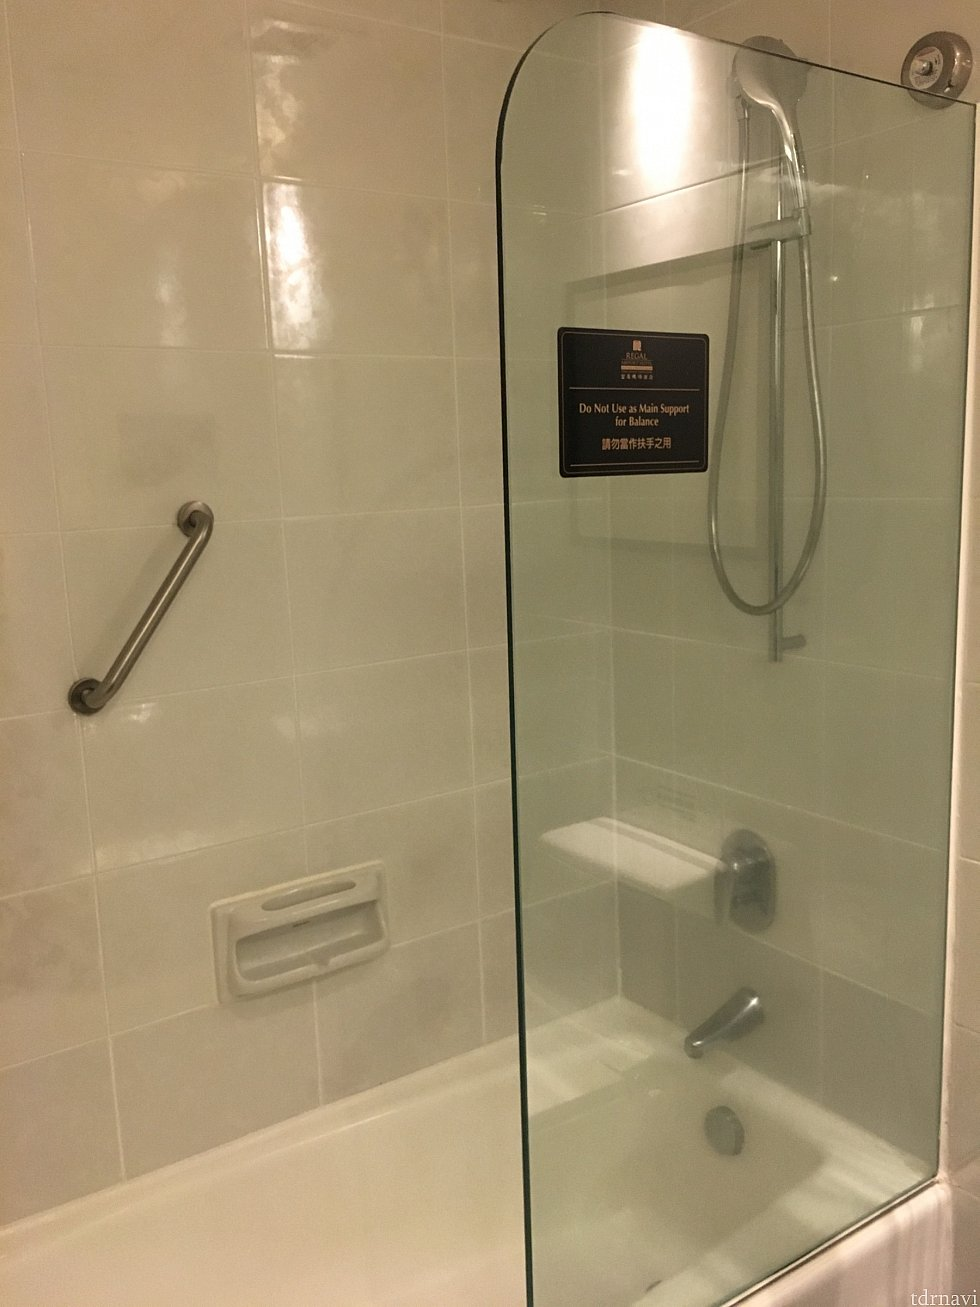 シャワーカーテンがありません…凹